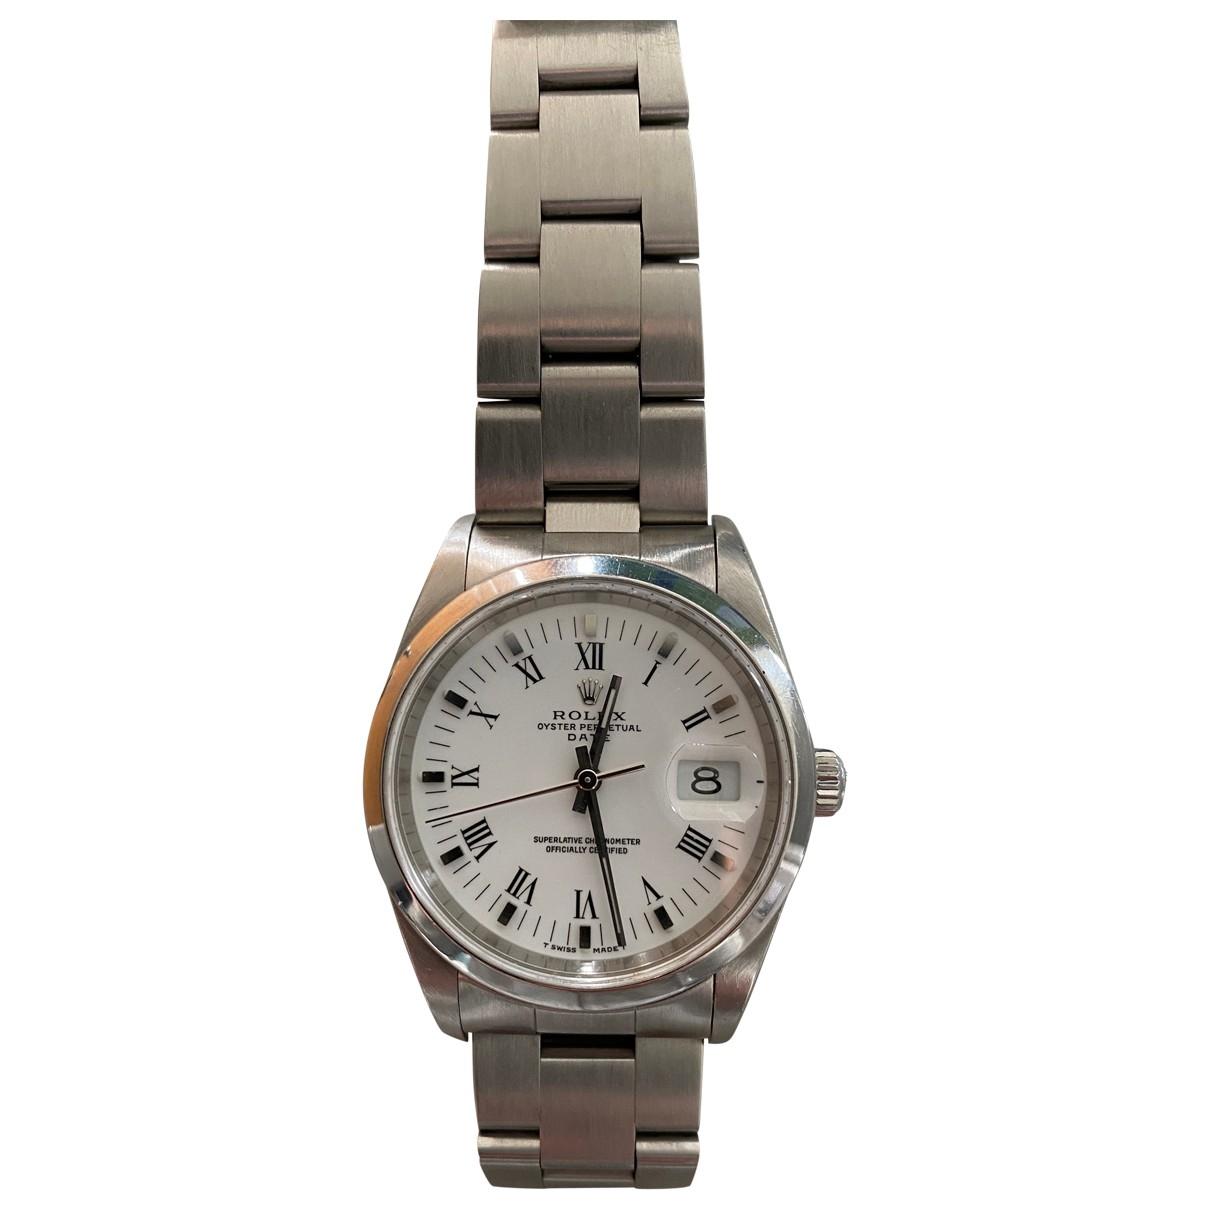 Relojes Oysterdate 34mm Rolex